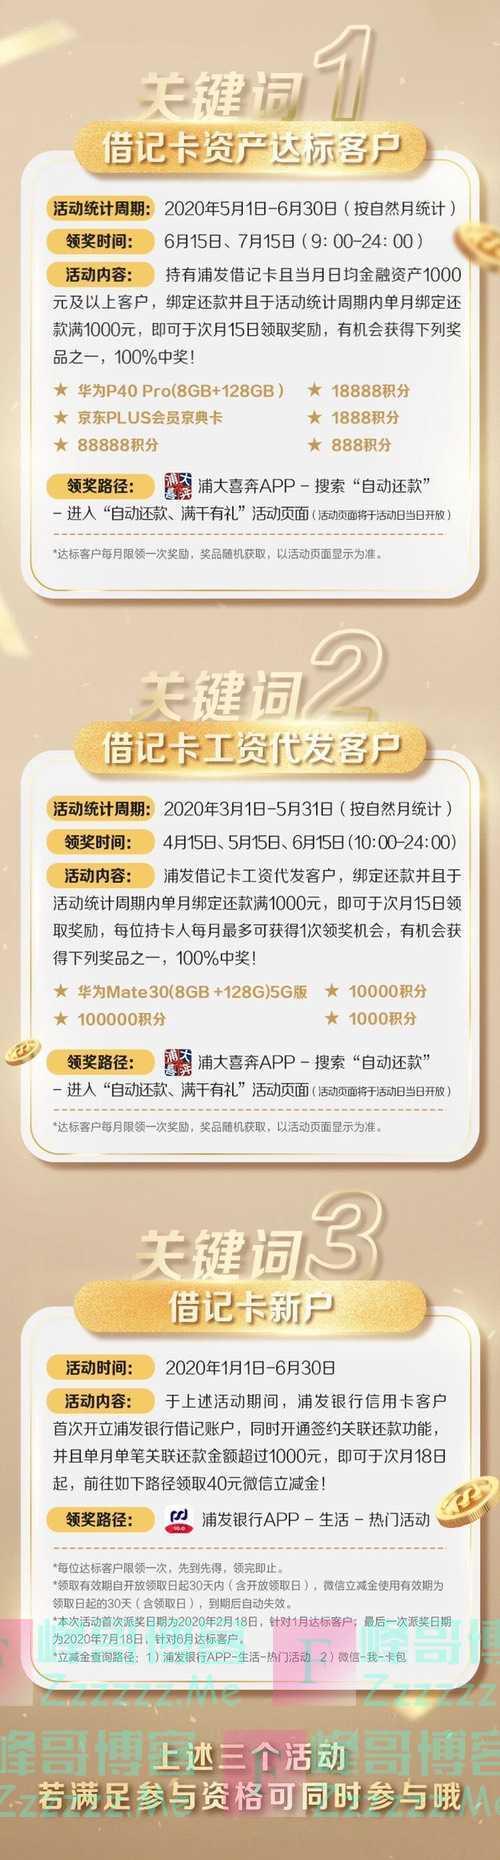 浦发银行华为P40 Pro,还有40微信立减金等你抽!(6月30日截止)